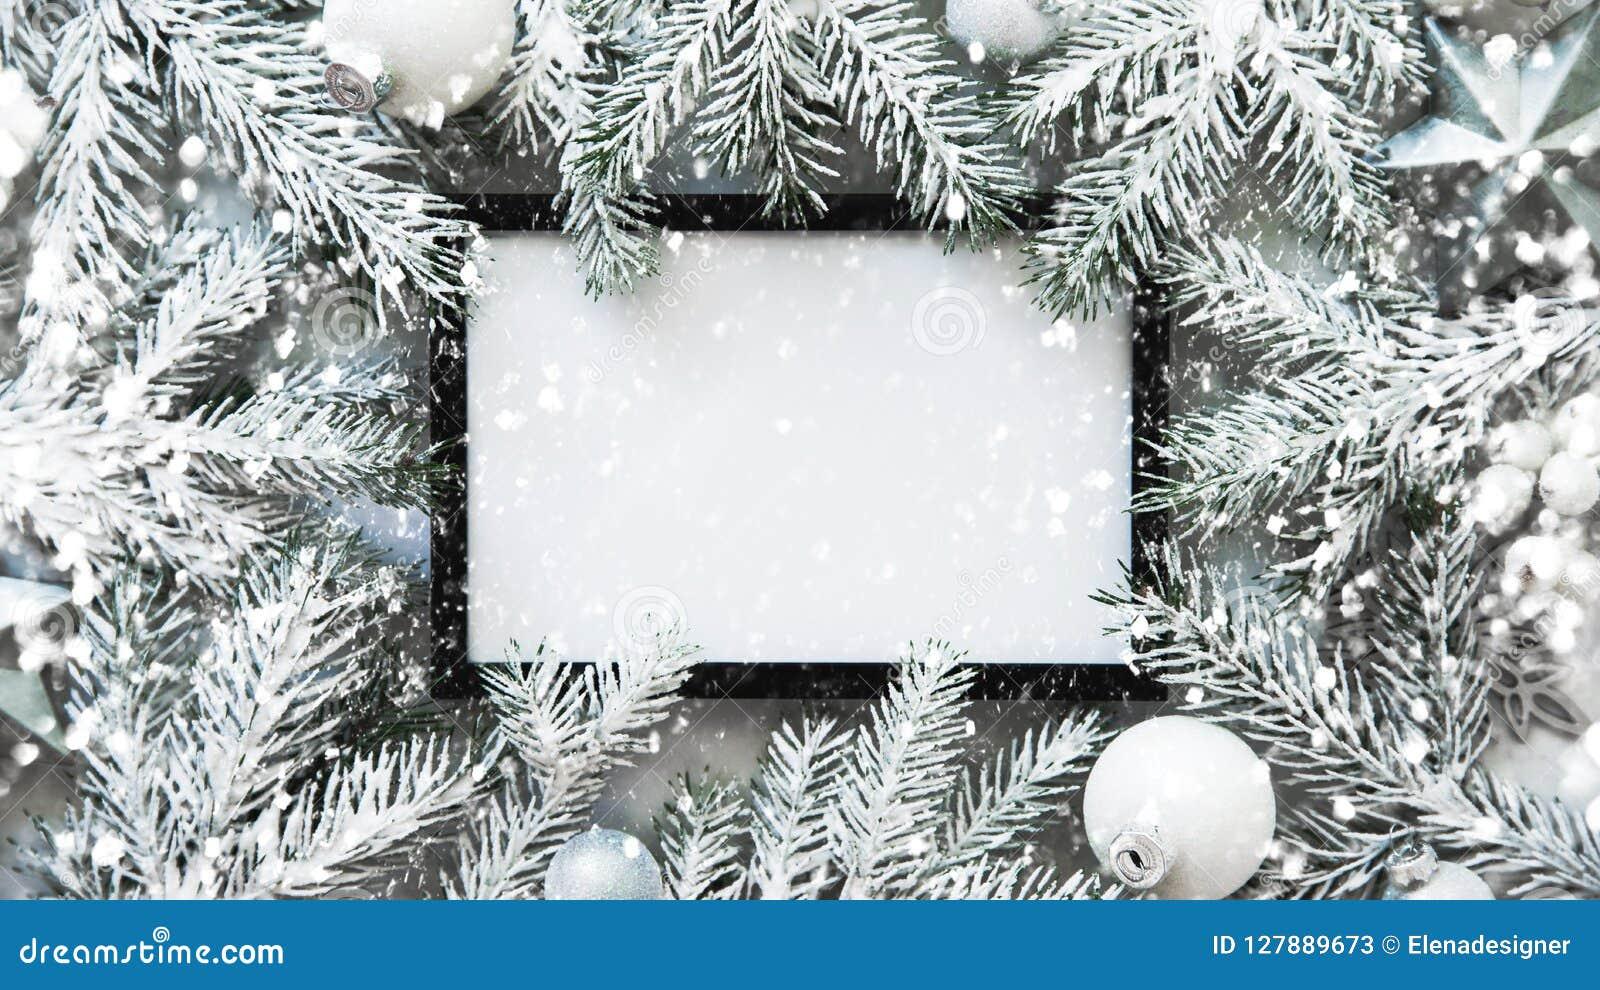 Предпосылка рамки рождества с деревом xmas и украшениями xmas С Рождеством Христовым поздравительная открытка, знамя Тема зимнего